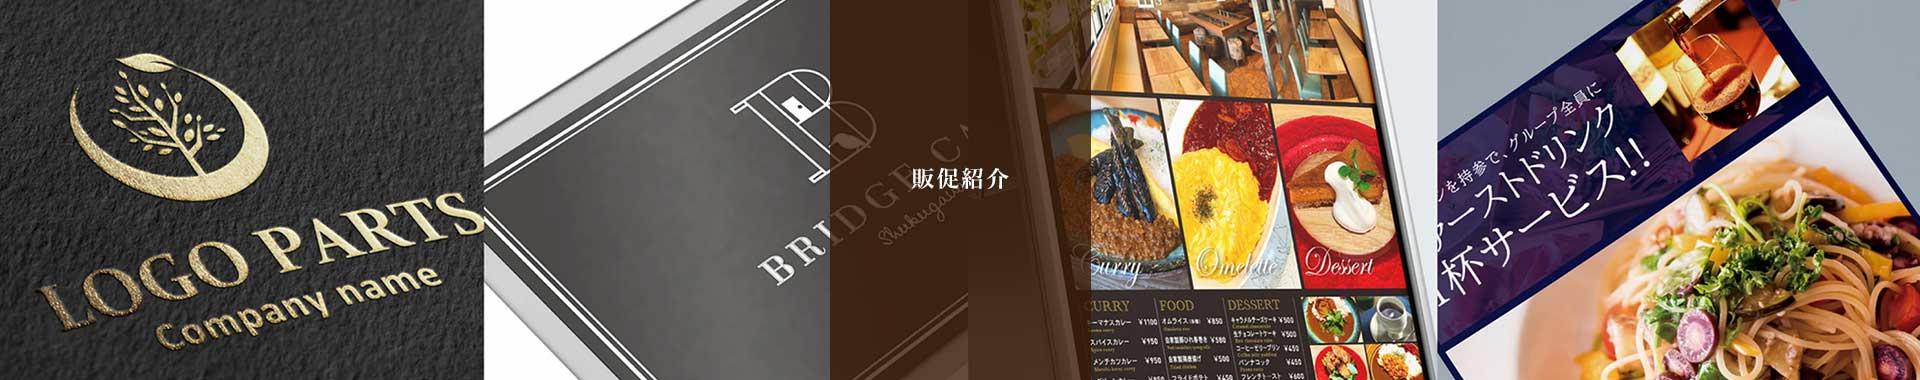 販促紹介|東京神奈川の飲食店設計施工のHACOLABO(ハコラボ)(商業空間デザイン・舞台美術造形・ロゴイラストデザイン等)